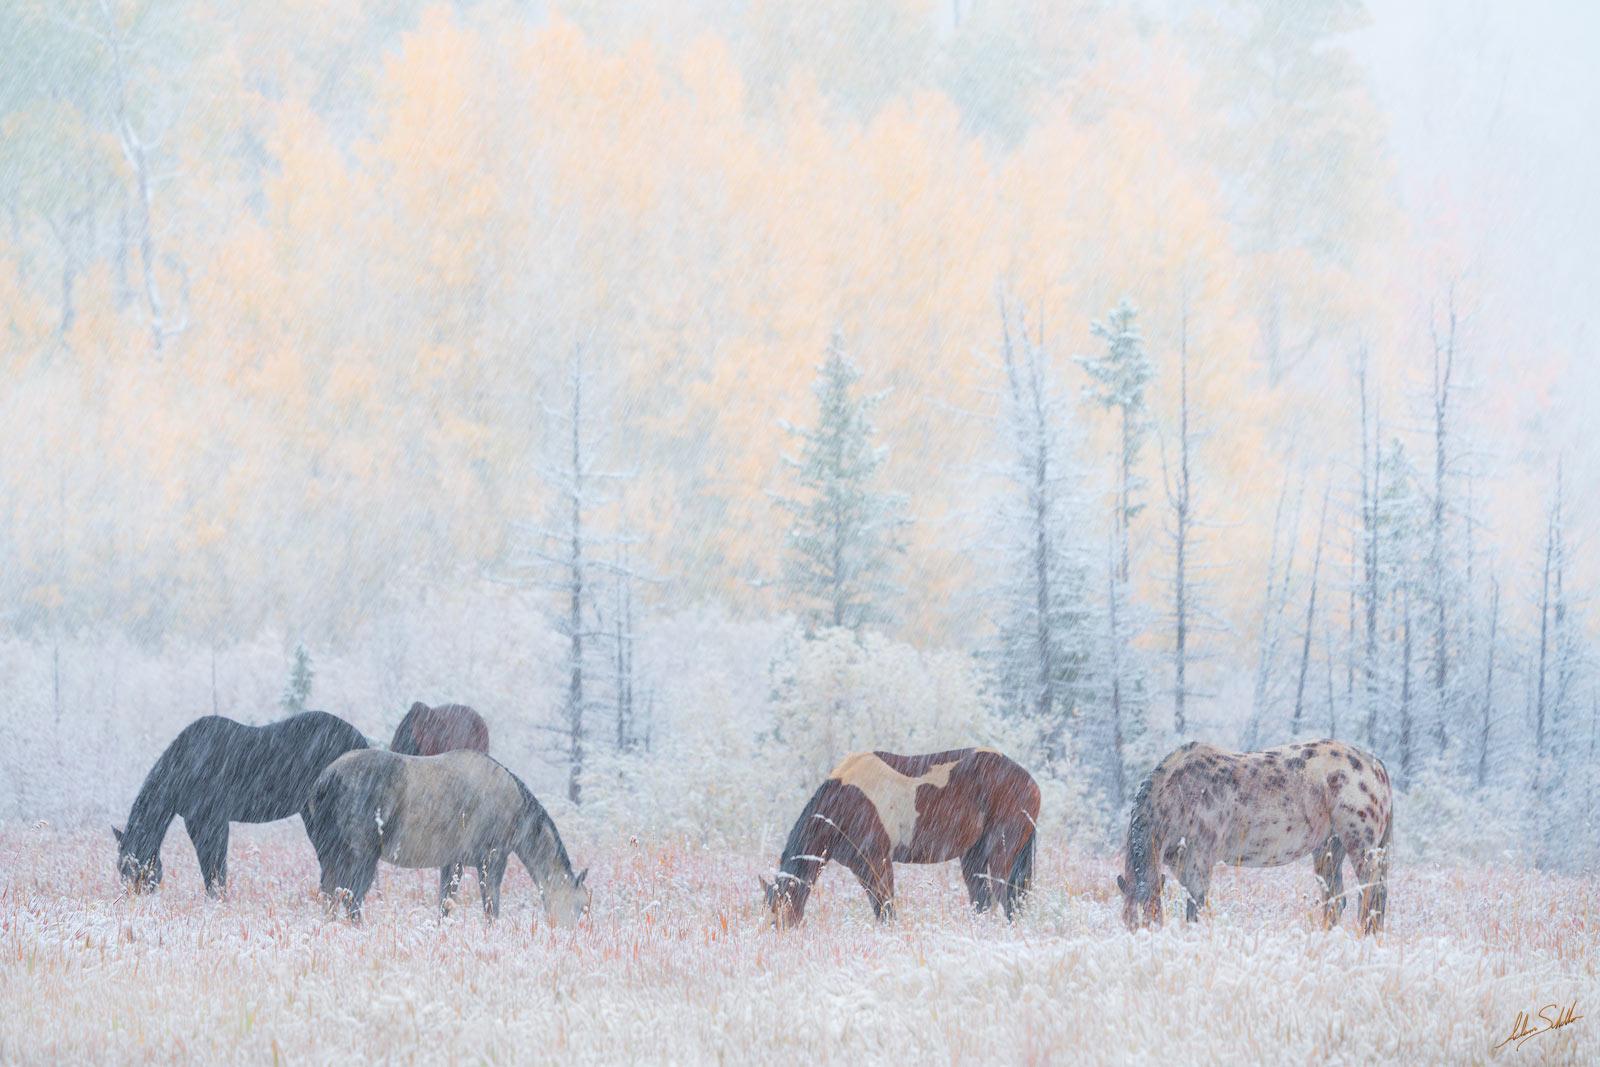 Autumn, CO, CR7, Colorado, Colorado Fall Color, County Road 7, Dallas Divide, Fall Color, Fall color in Colorado, Graze, Grazing, Horse, Horses, Horses in the snow, Ridgway, Rocky Mountains, San Juan , photo